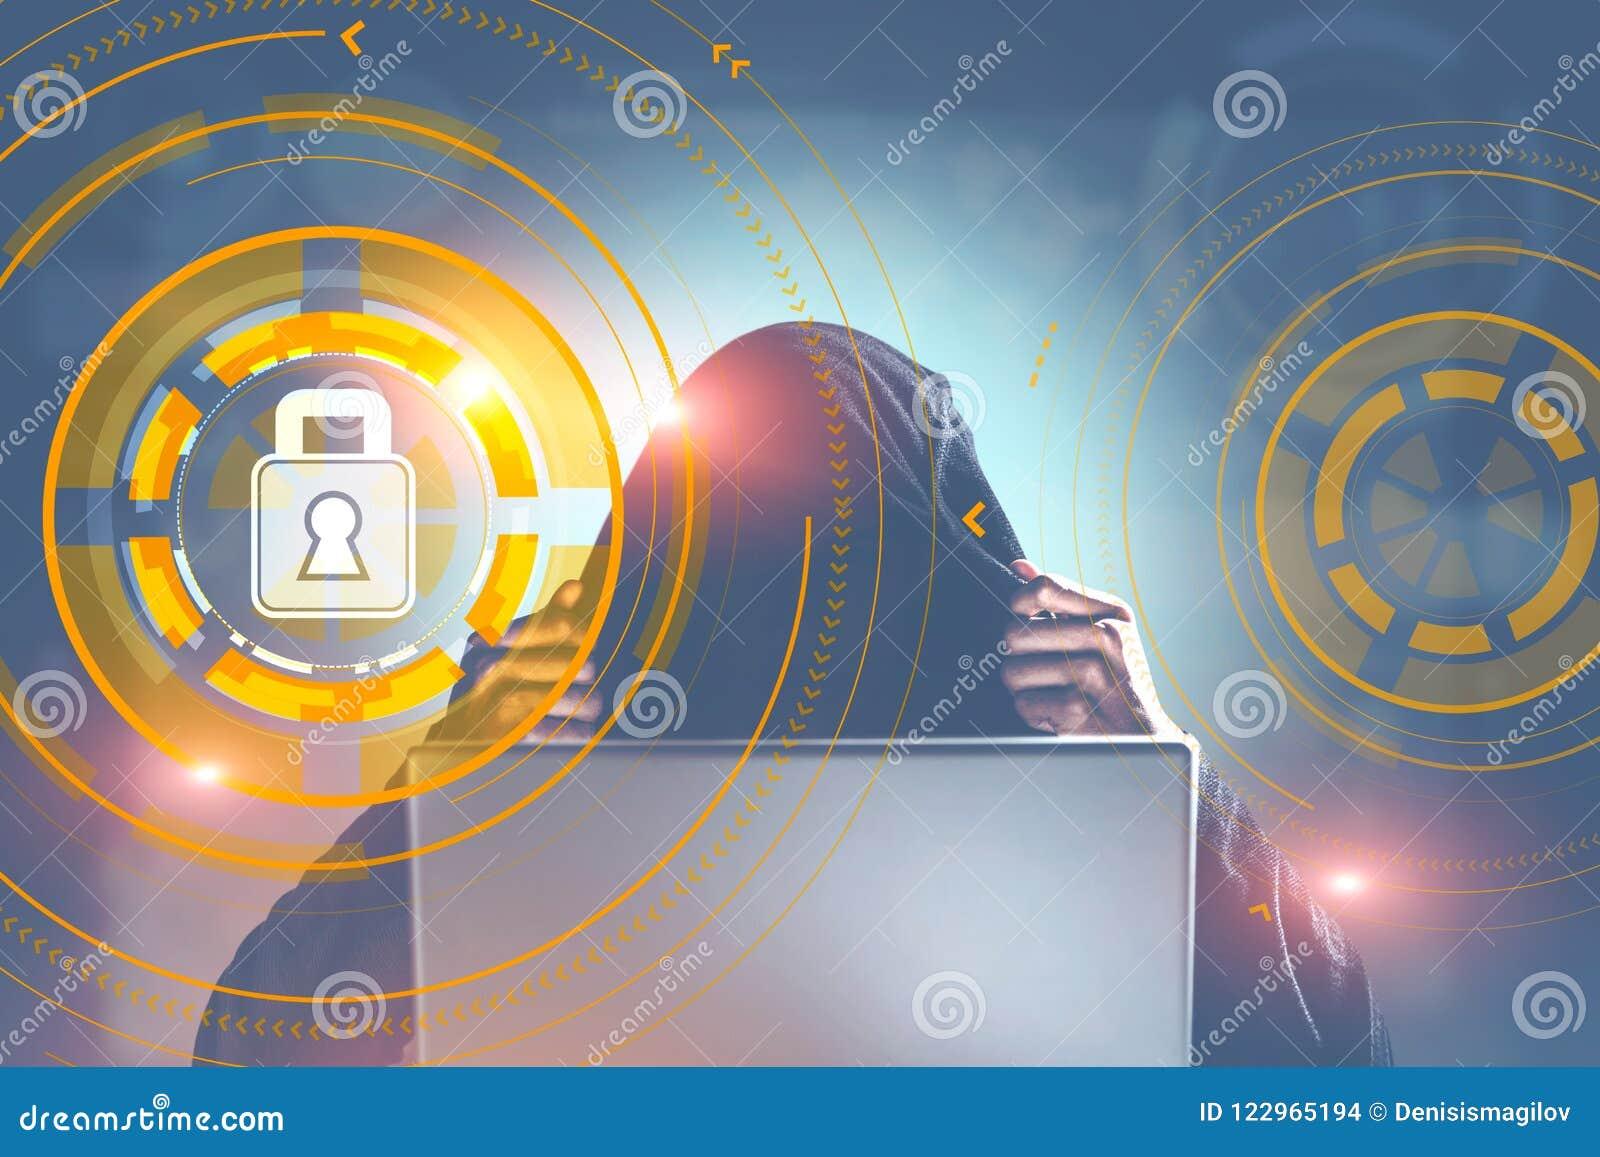 Hacker em uma cidade, relação do cadeado da segurança do cyber